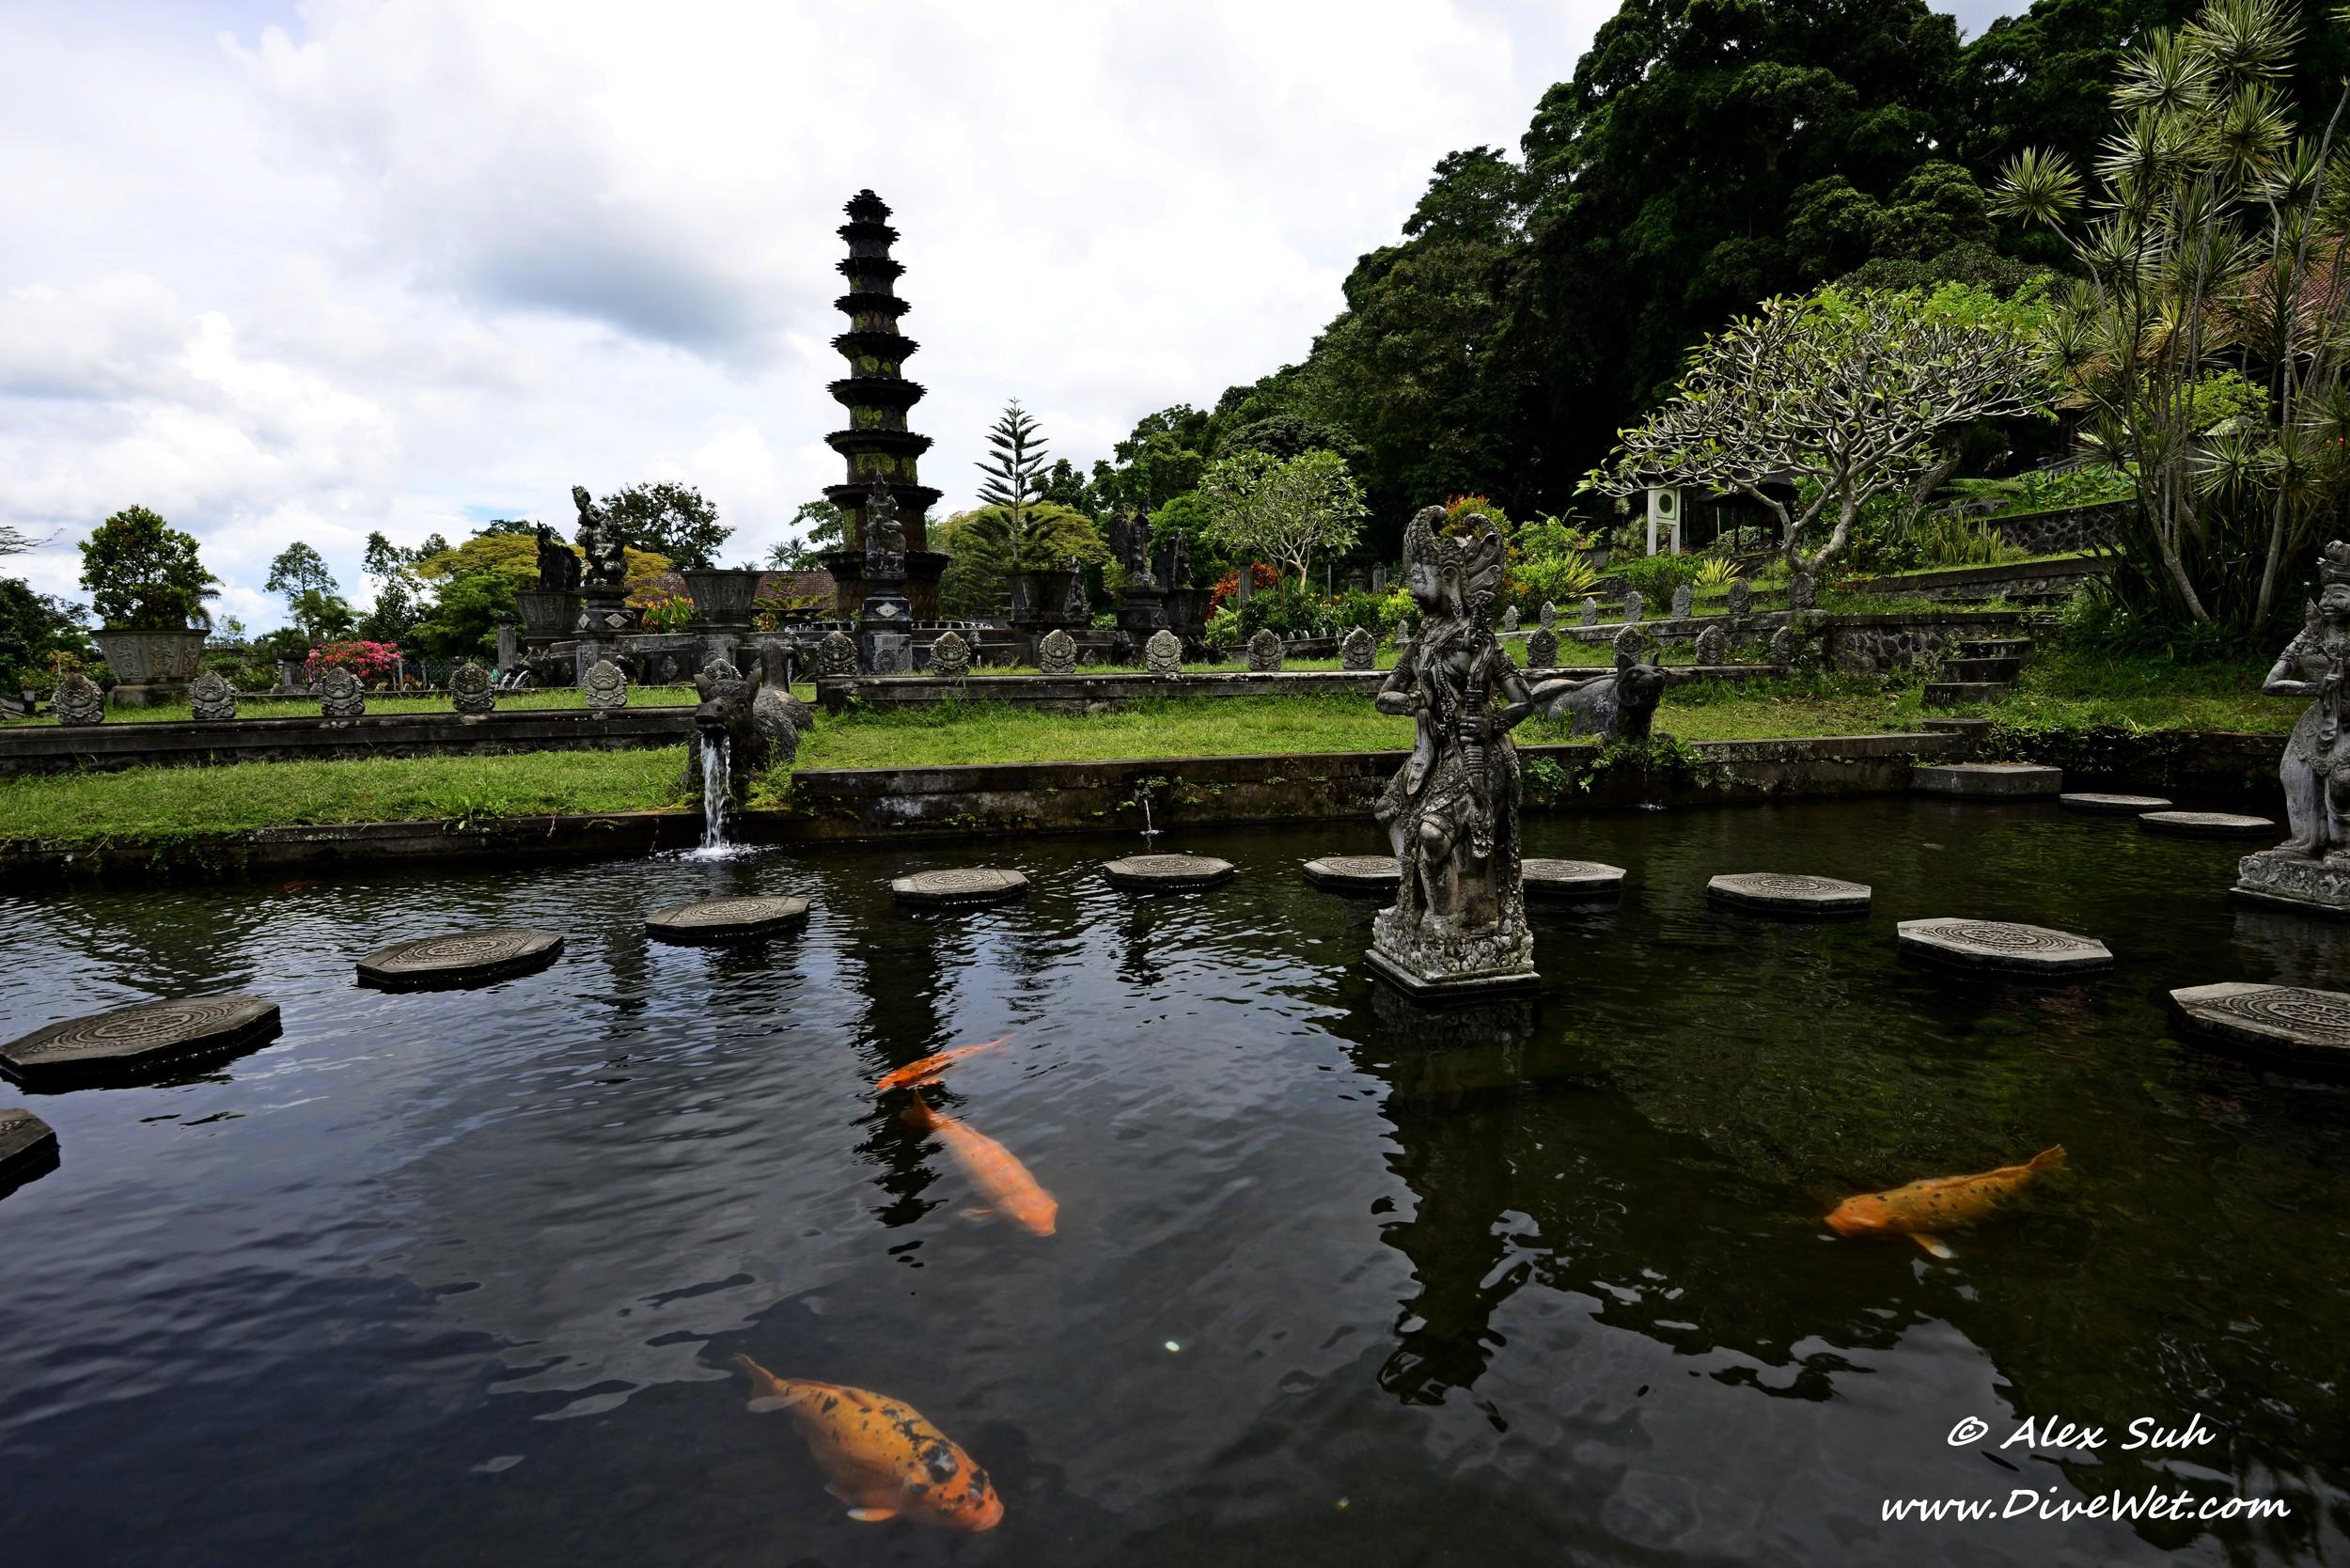 Bali Reflection 4 Koi.jpg